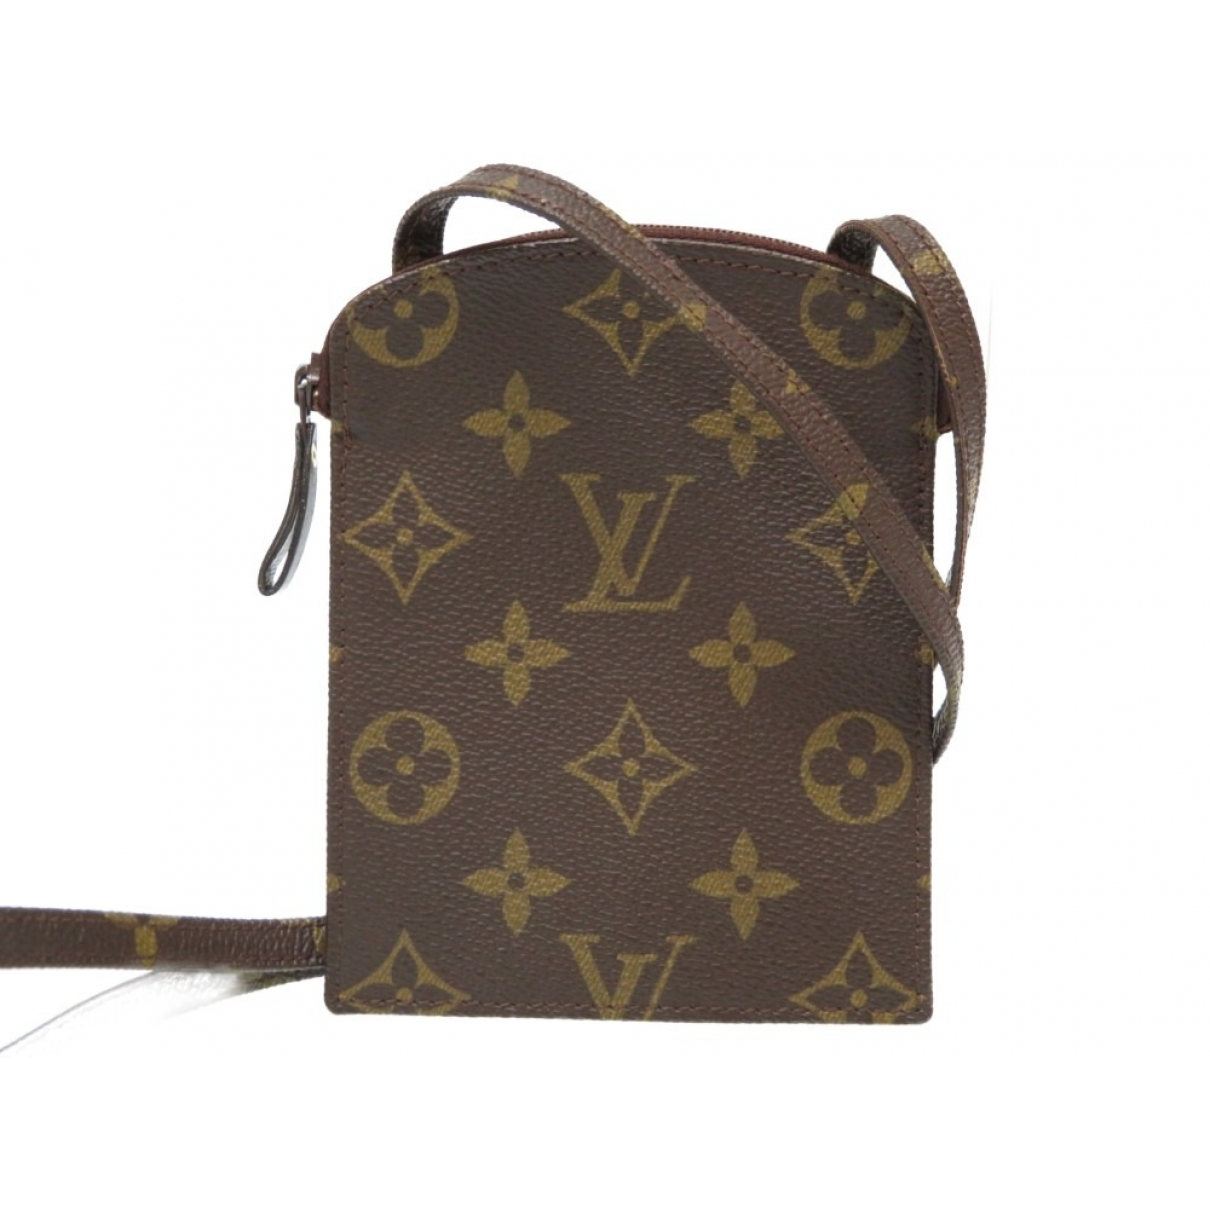 Louis Vuitton \N Brown Cloth handbag for Women \N